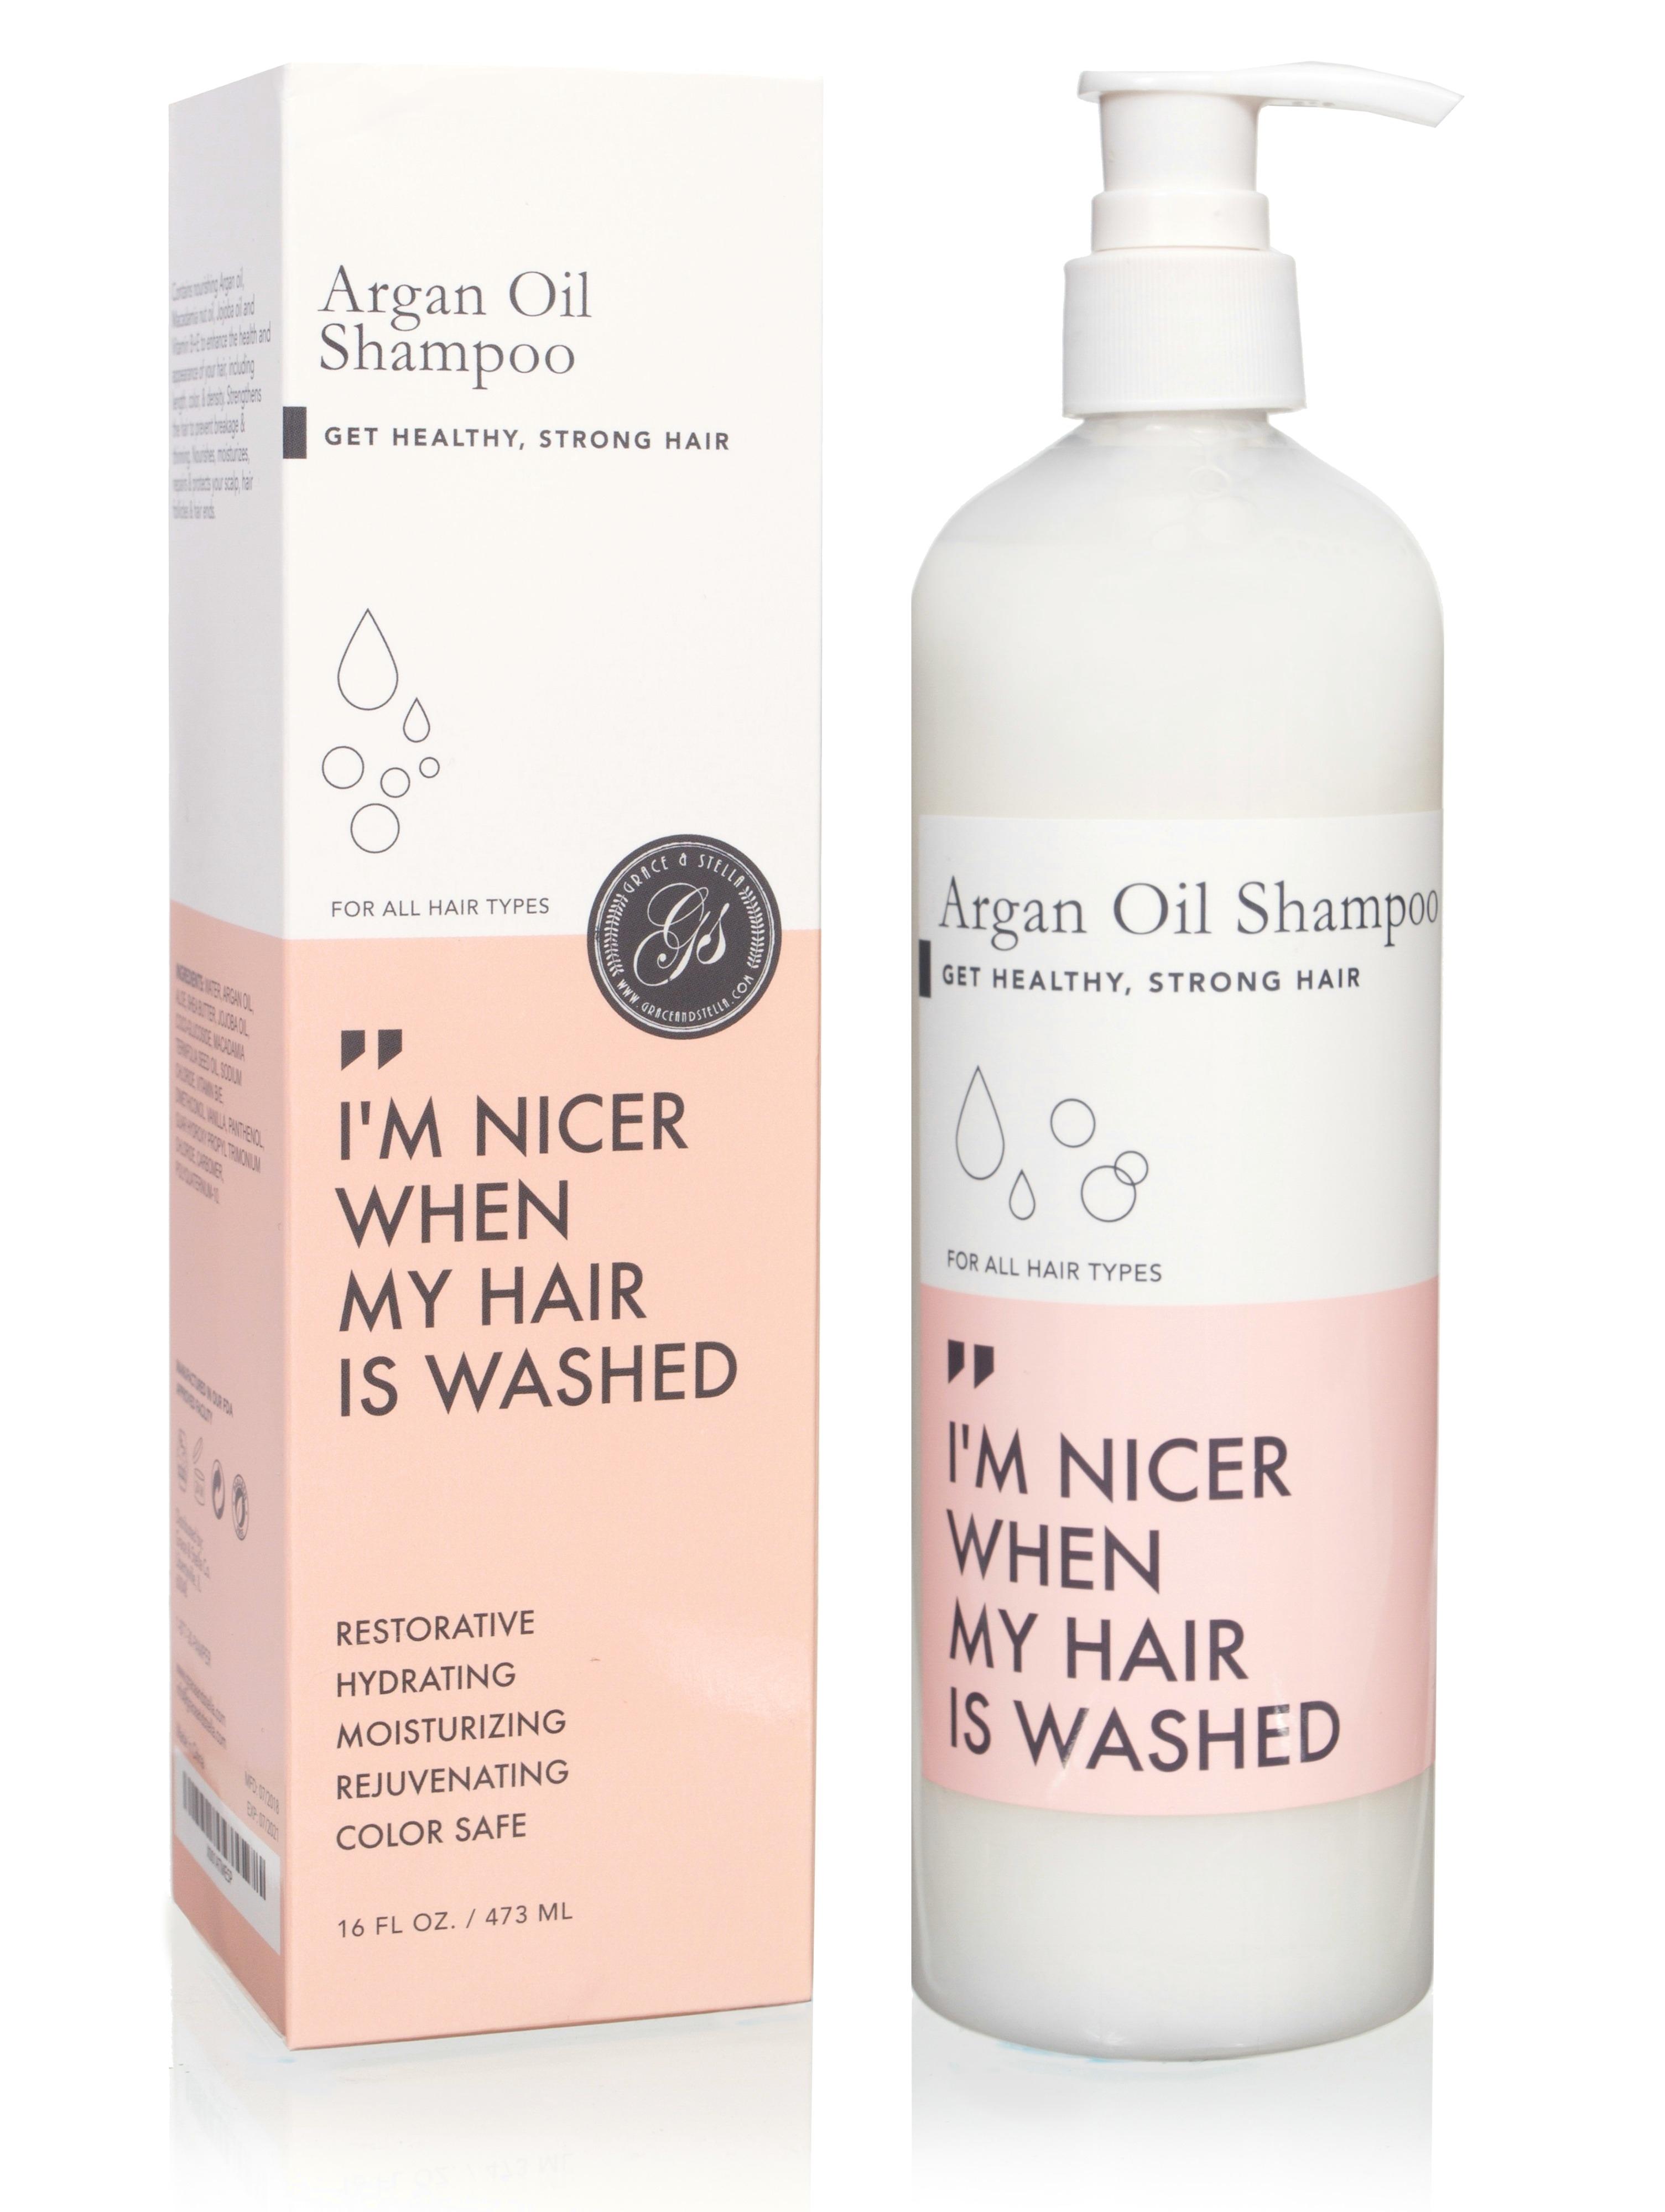 Grace and Stella CO Шампунь Питательный  для Волос с Маслом Арганы Organic Argan Oil Shampoo, 473 мл